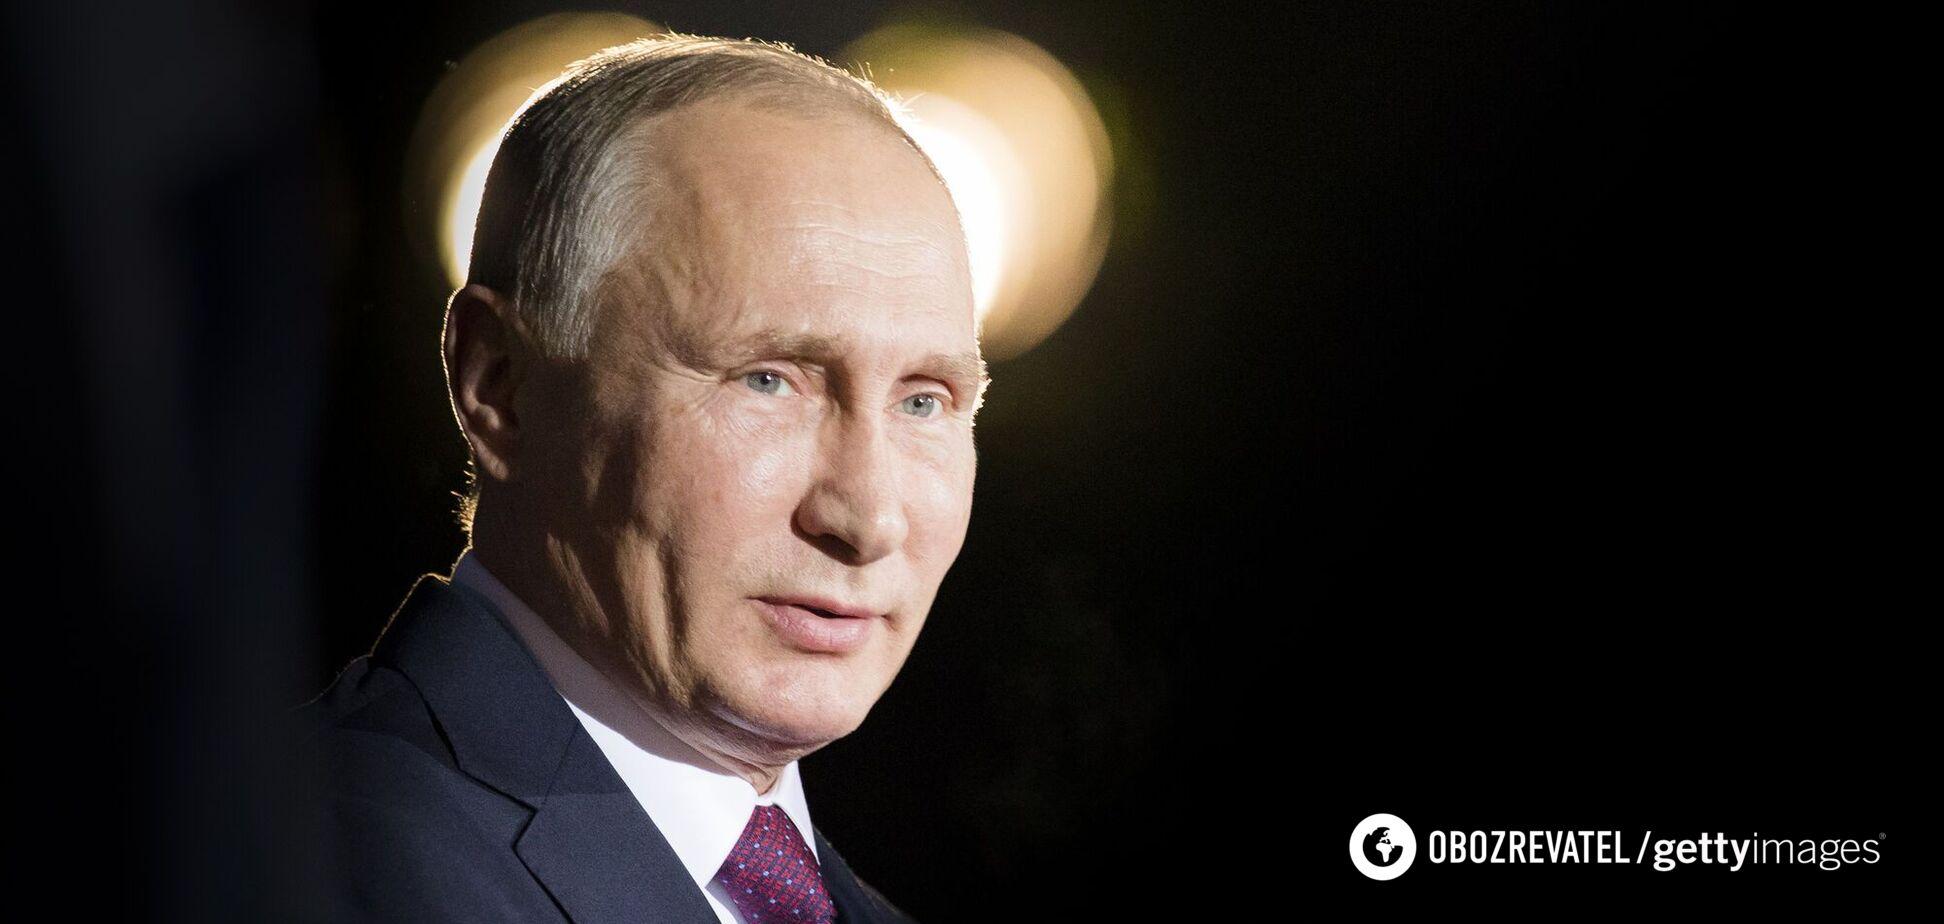 Путин в беде, ему осталось не больше 5 лет, – Обухов